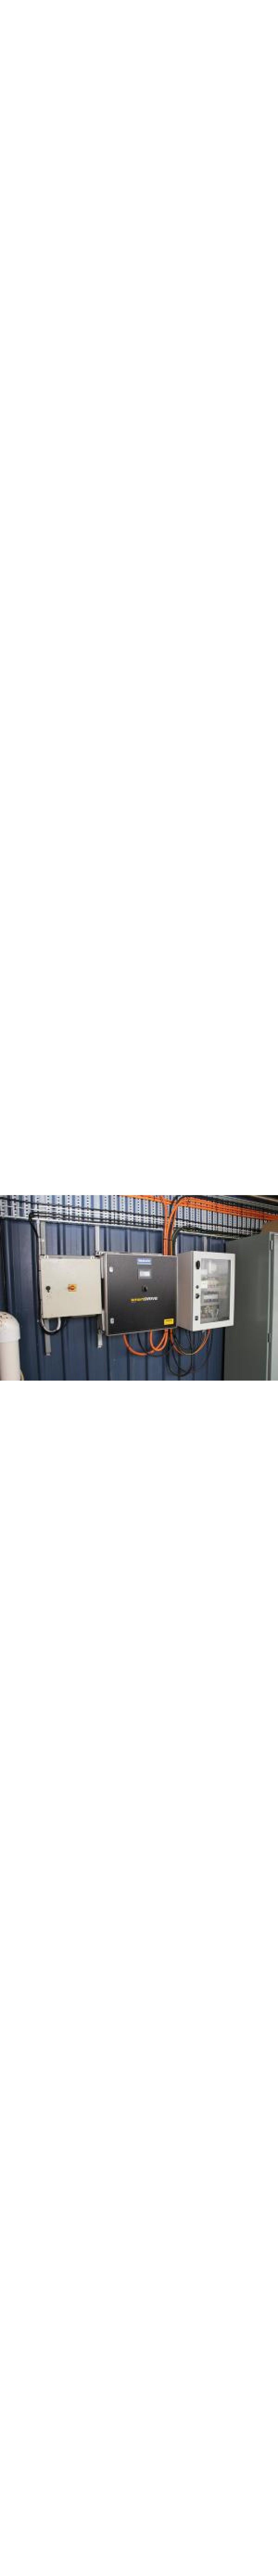 SmartDrive Vaccum Pump Controller